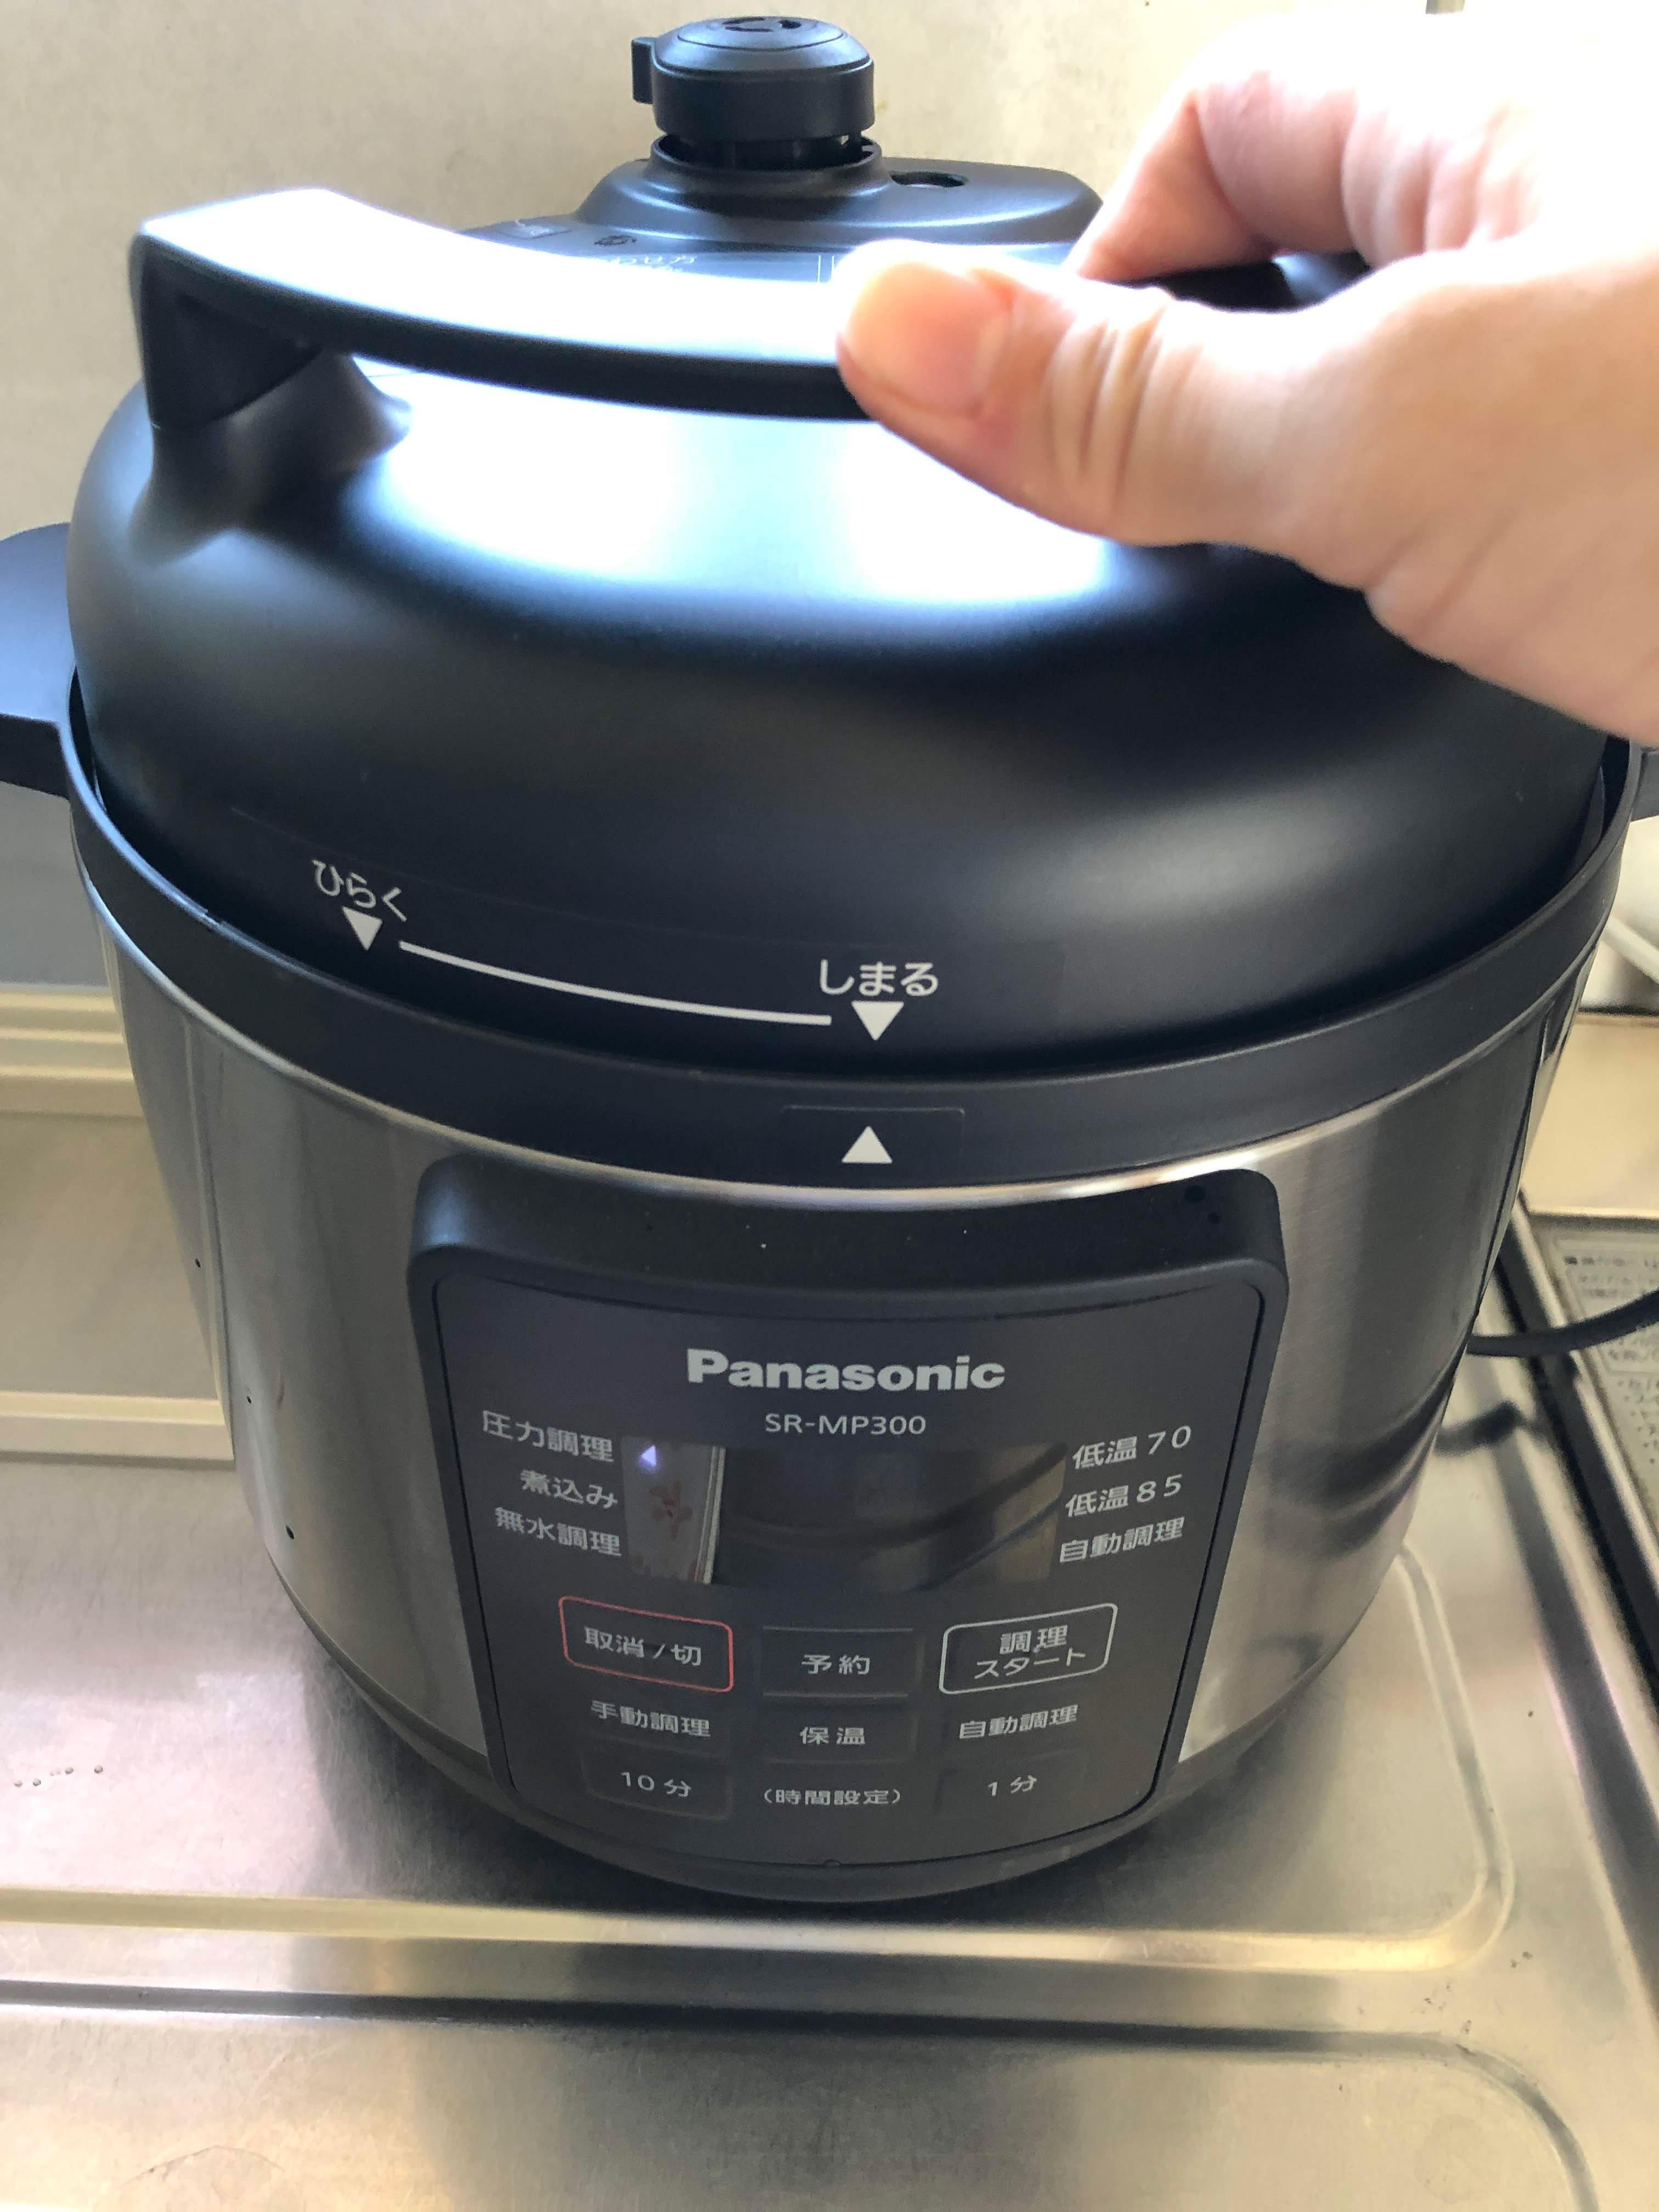 レシピ 鍋 パナソニック 圧力